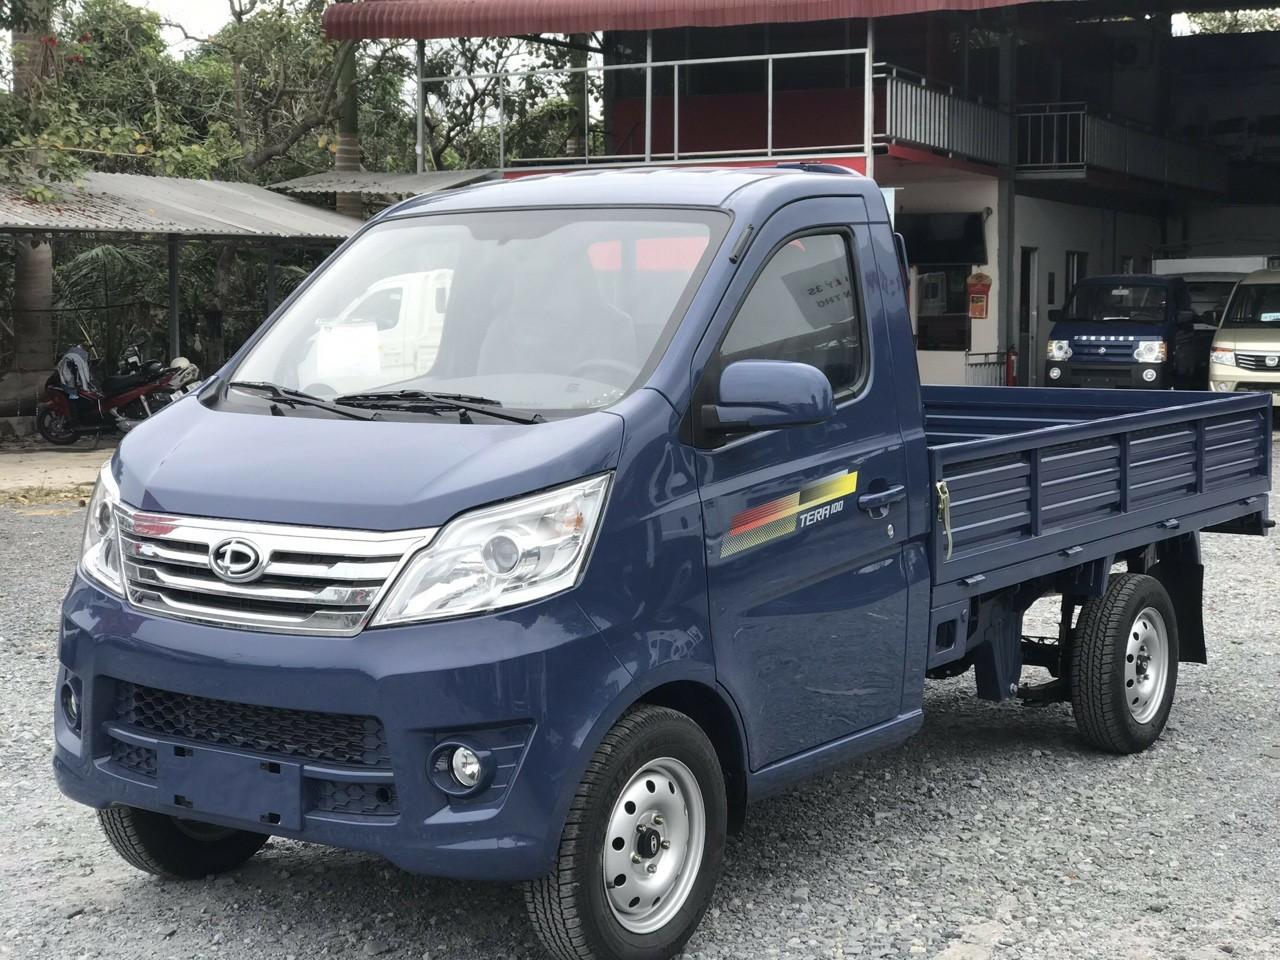 Xe tải tera 100 thùng lửng 990kg